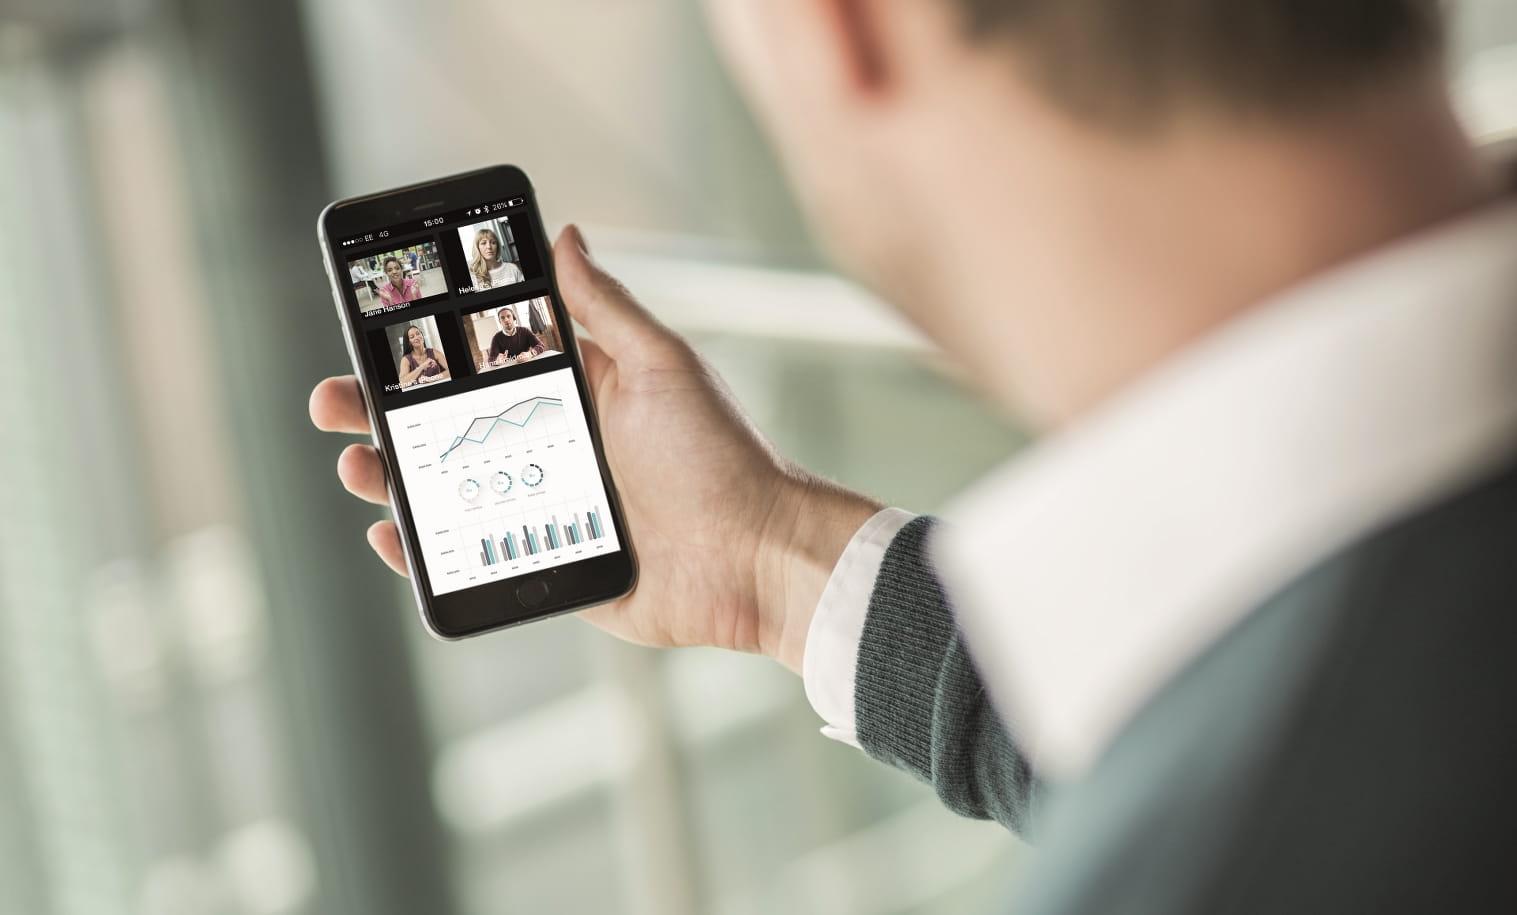 OmniJoin mobile web conferencing